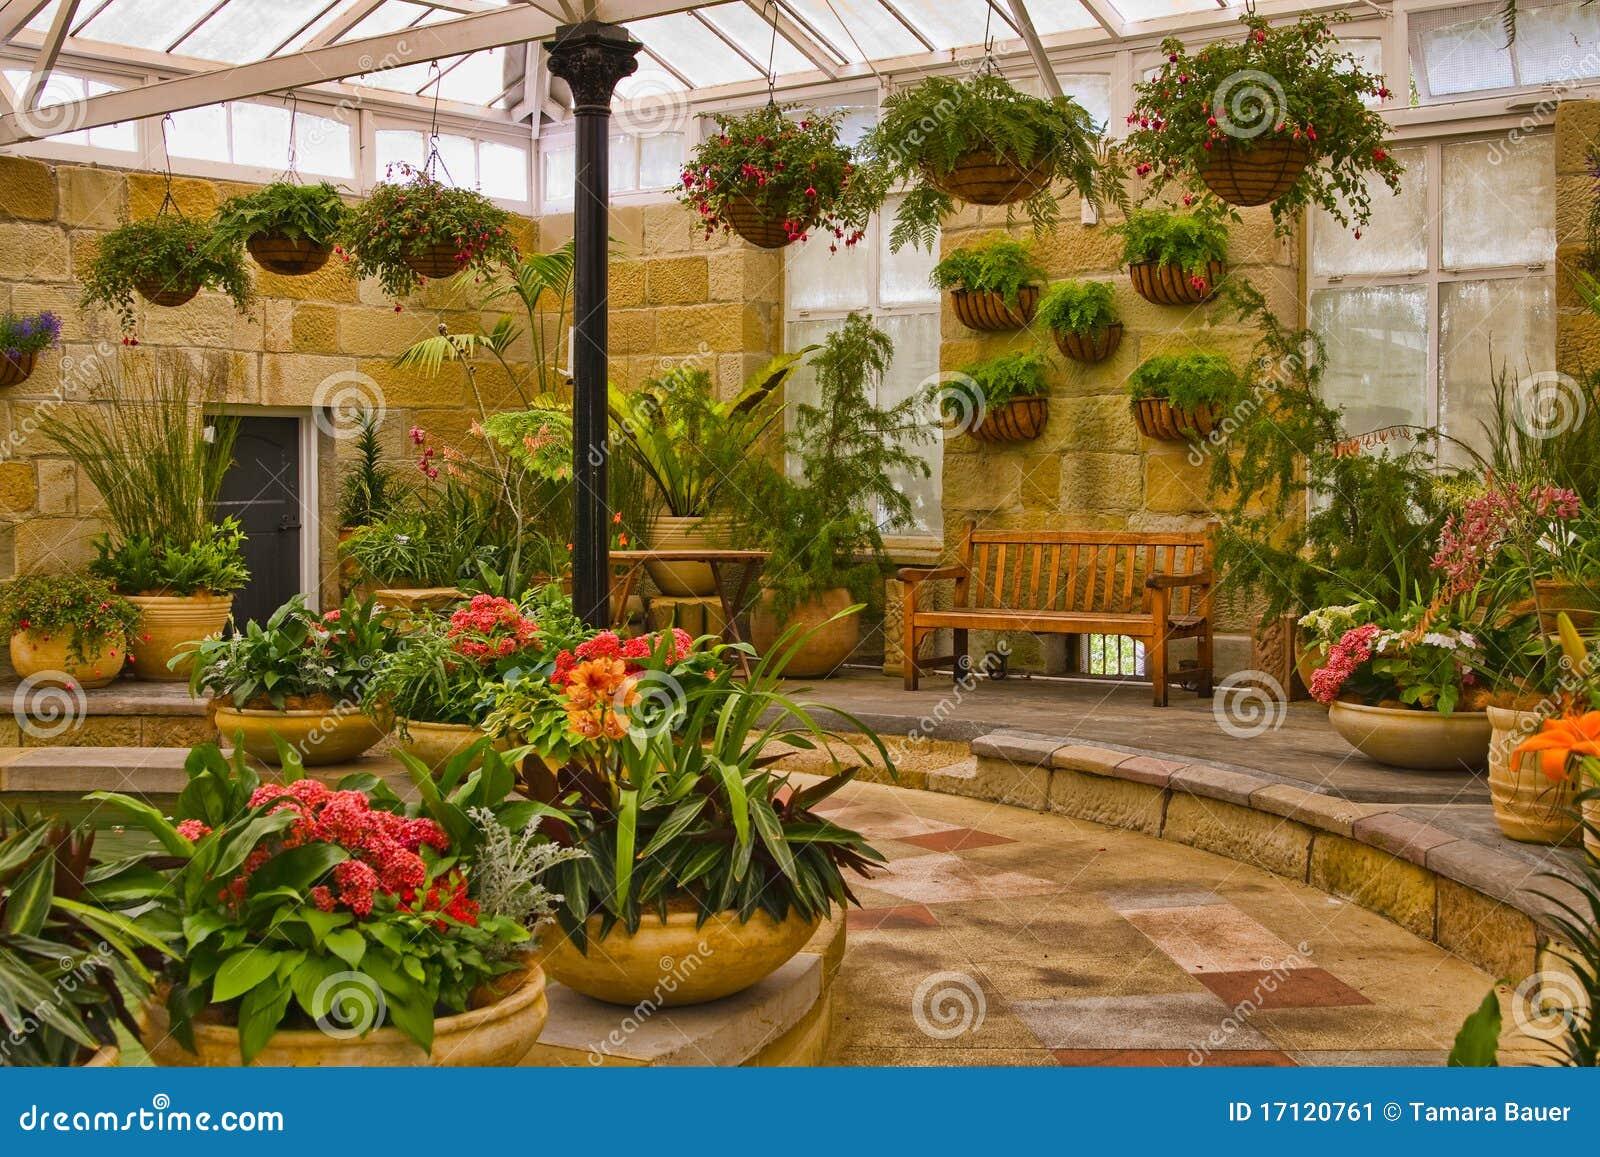 Zone sc nique de jardin d 39 int rieur image stock image for Jardin d interieur